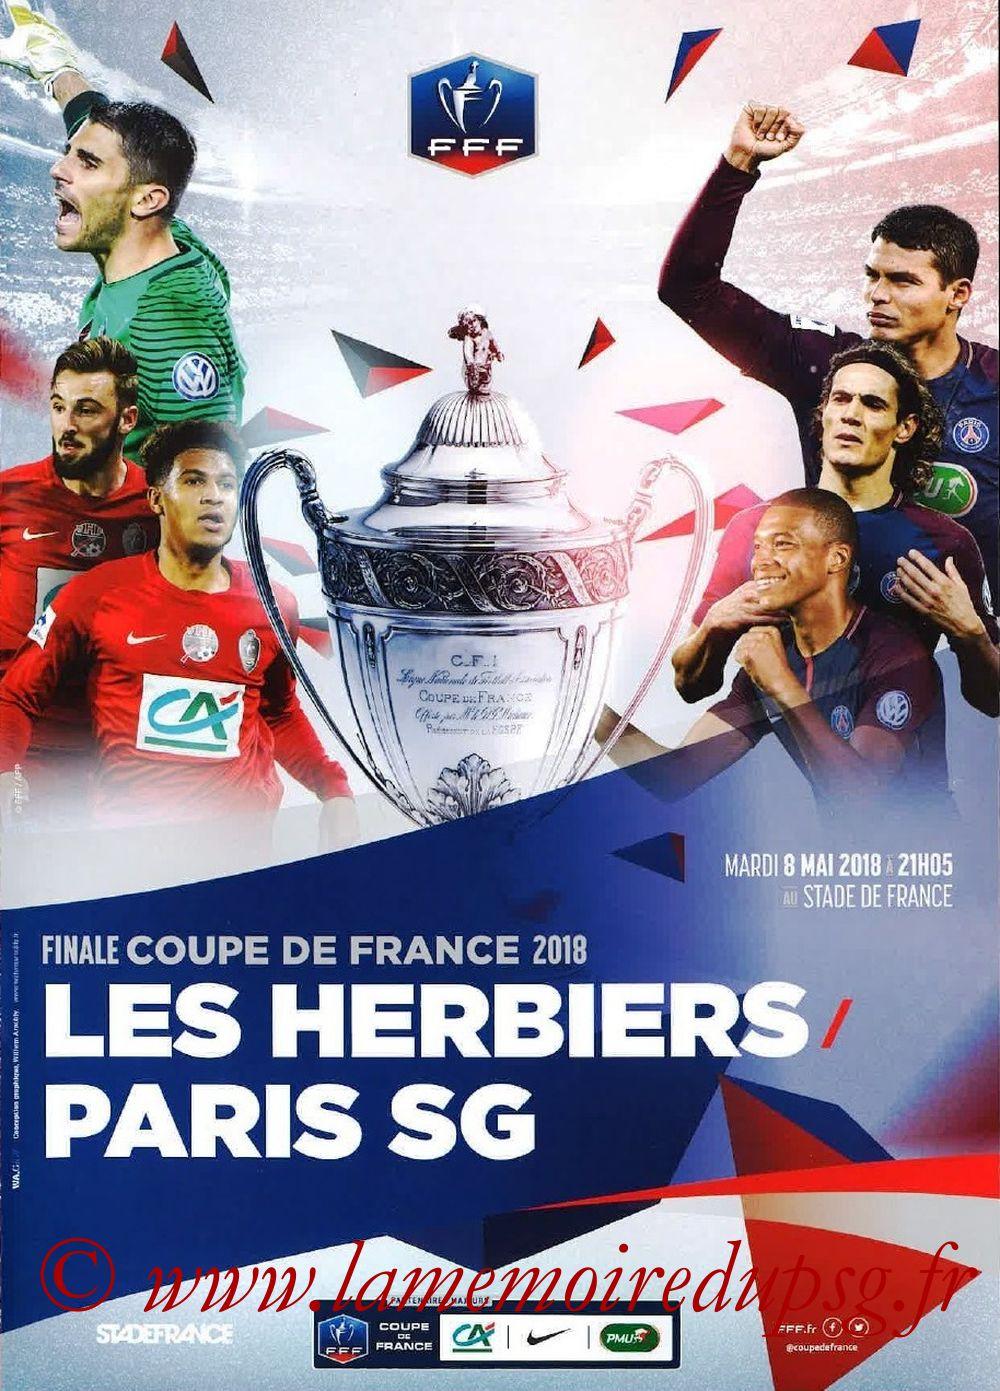 2018-05-08  Les Herbiers-PSG (Finale CF à Saint-Denis, Programme officiel FFF)